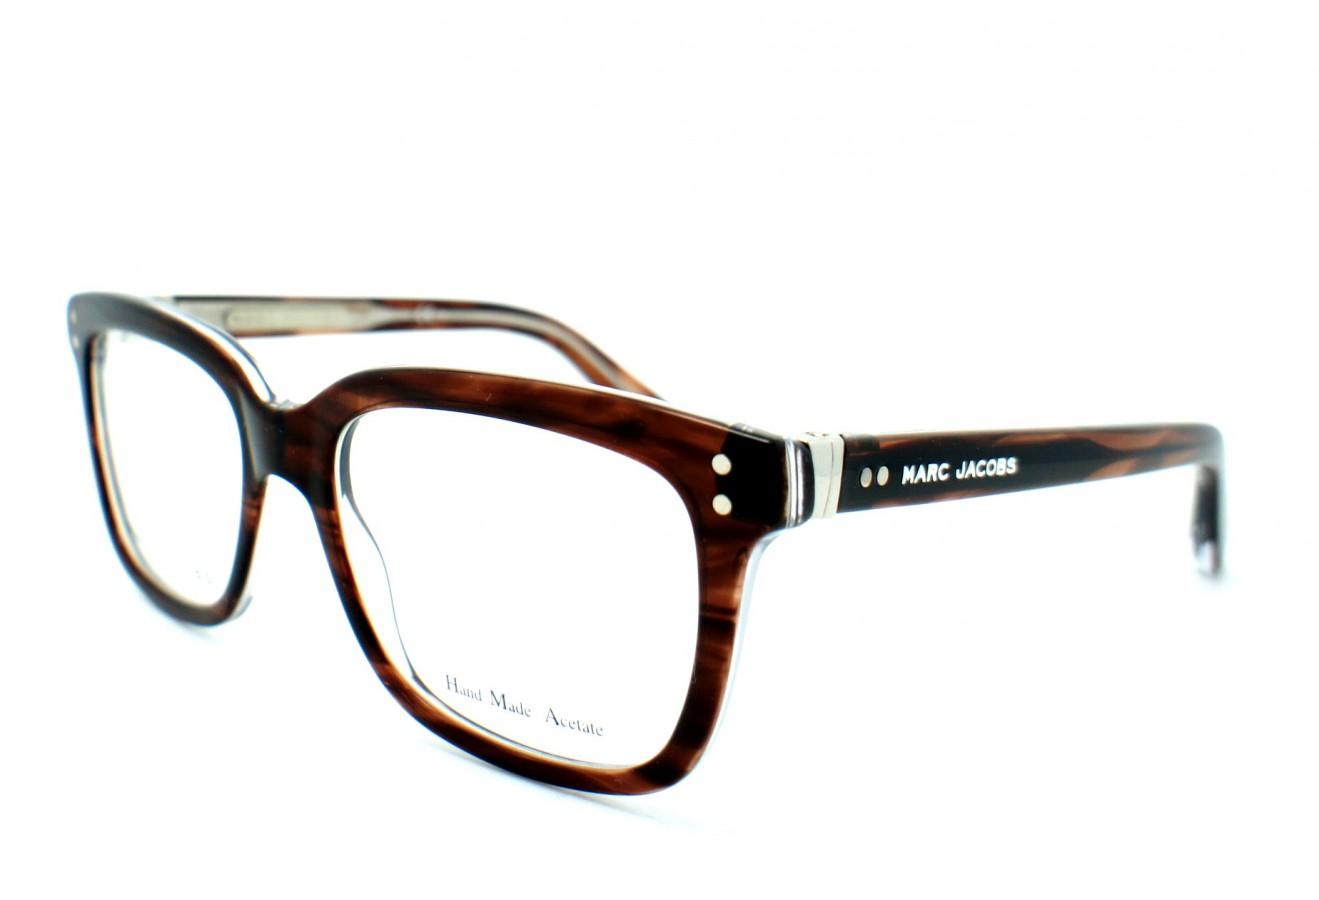 Lunettes de vue: de nouveaux accessoires